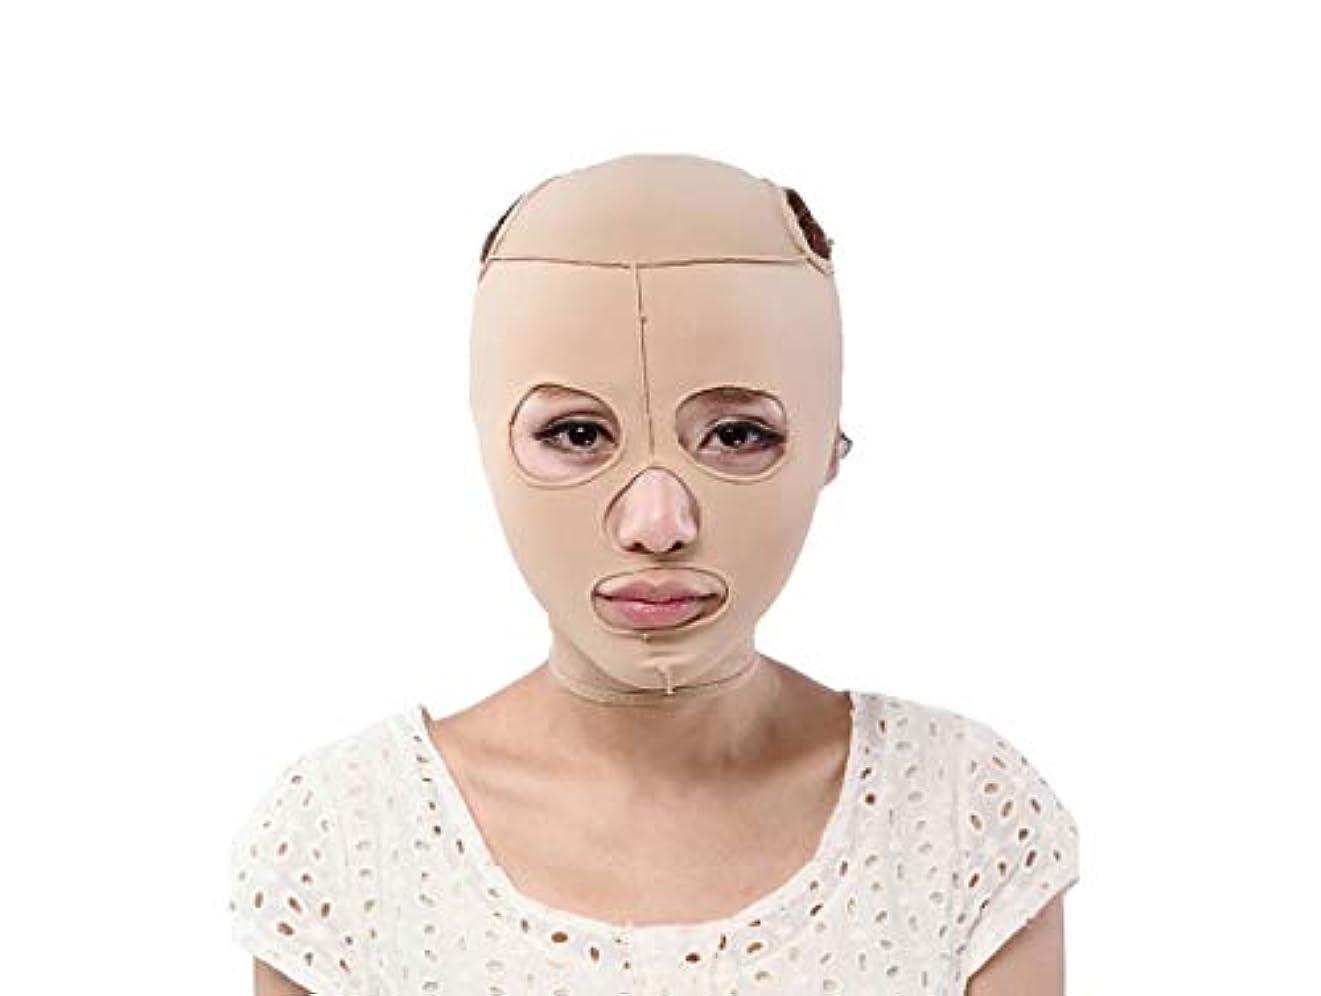 予防接種良さ研究XHLMRMJ 痩身ベルト、フェイスマスク薄い顔楽器リフティング引き締めvフェイス男性と女性フェイスリフティングステッカー二重あごフェイスリフティングフェイスマスク包帯フェイシャルマッサージ (Size : S)